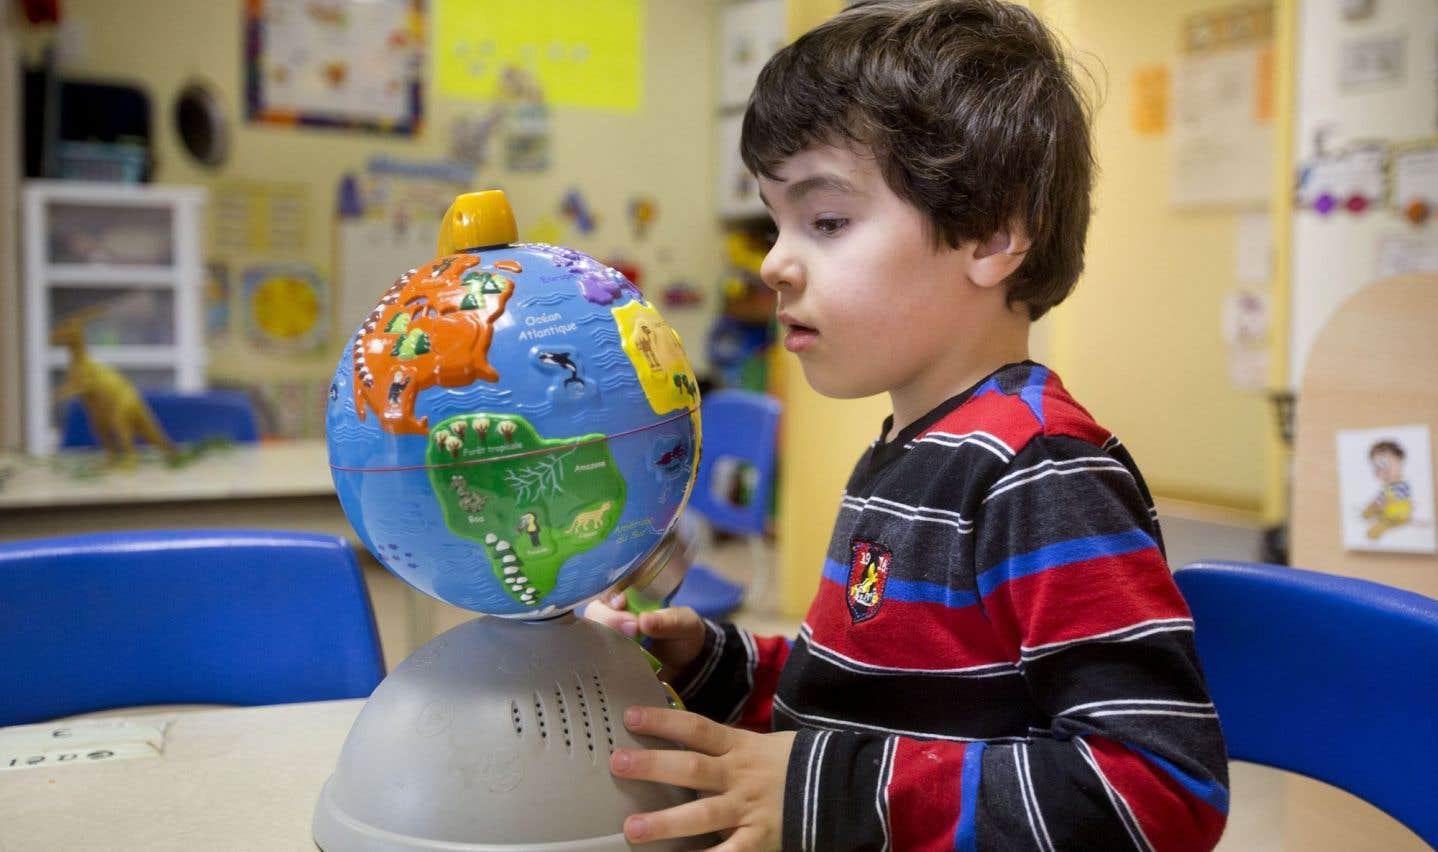 Les CPE se sont aussi donné une mission éducative auprès des enfants dont ils ont la garde. «Le projet éducatif, tel que développé par le ministère de la Famille, n'est pas à proprement parler un projet éducatif, comme on l'entend à l'école, mais plutôt un service éducatif visant à soutenir le développement de l'enfant», souligne Geneviève Bélisle, directrice générale adjointe de l'Association québécoise des centres de la petite enfance (AQCPE) et responsable des services éducatifs.